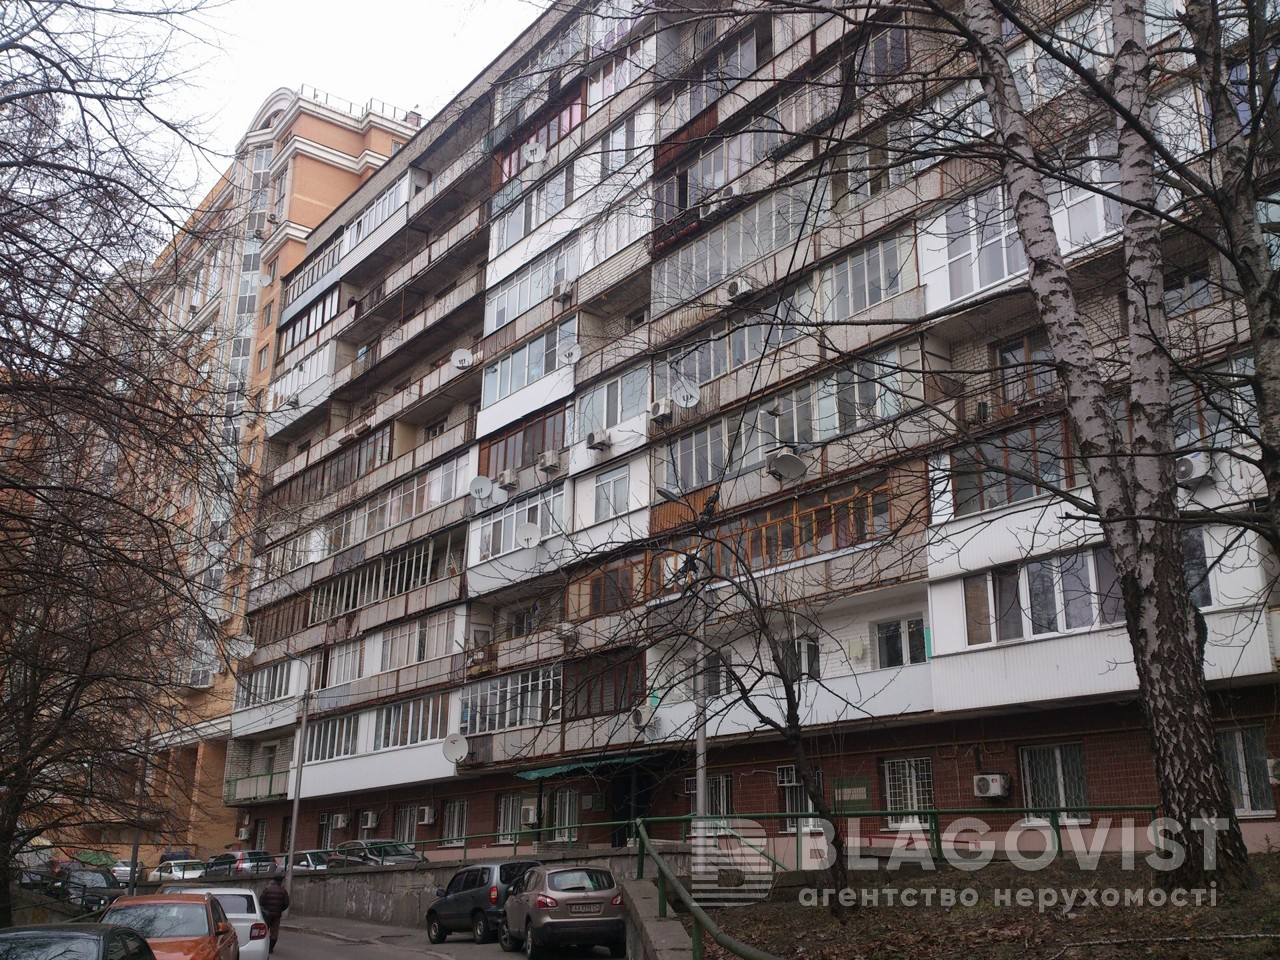 Квартира C-104449, Тютюнника Василия (Барбюса Анри), 5б, Киев - Фото 2